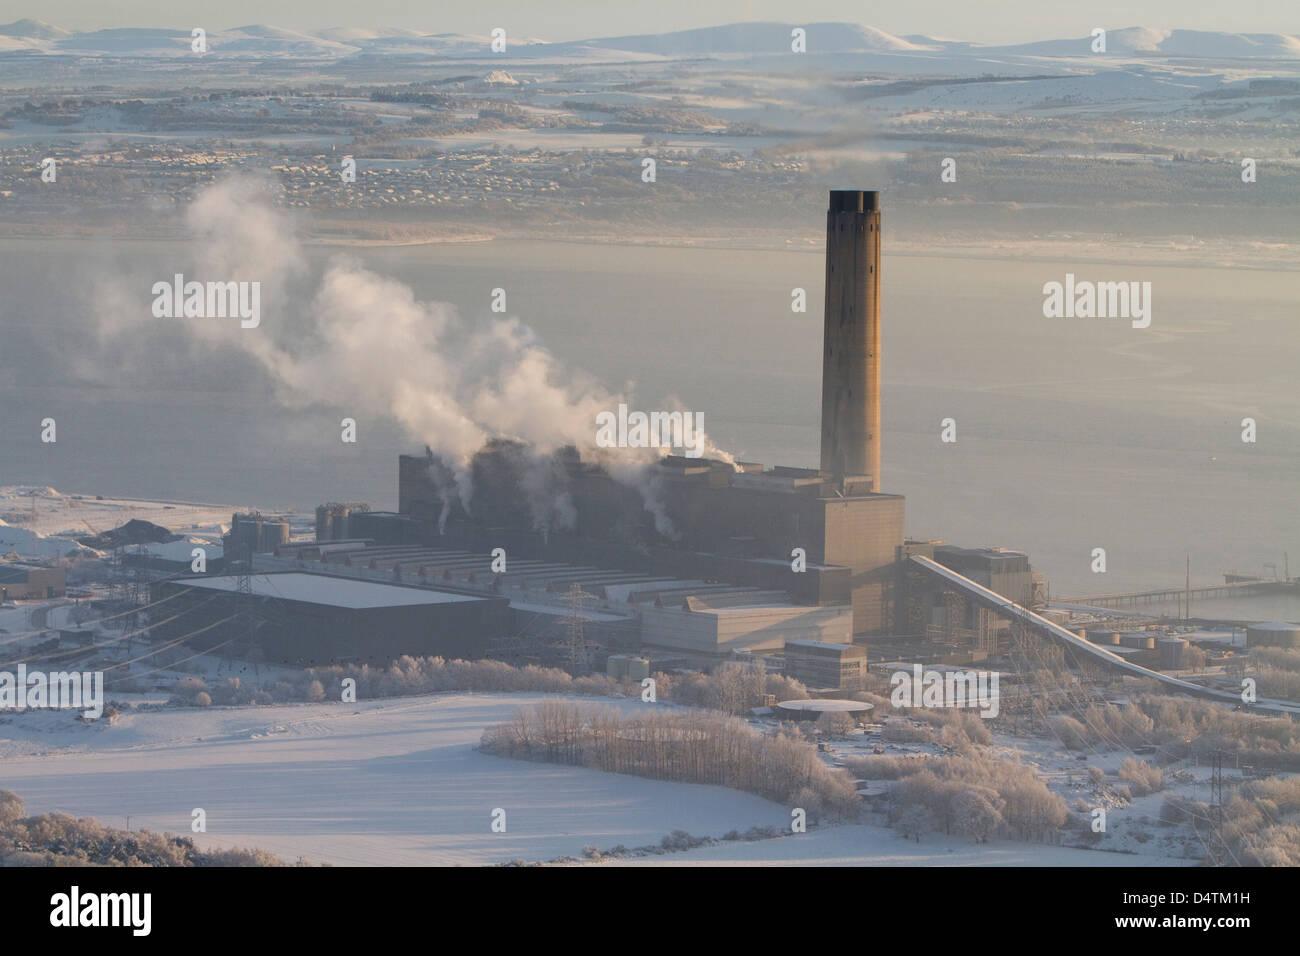 Eine Luftaufnahme der ScottishPowers Longannet Kraftwerk am nördlichen Ufer des Firth of Forth in der Nähe Stockbild